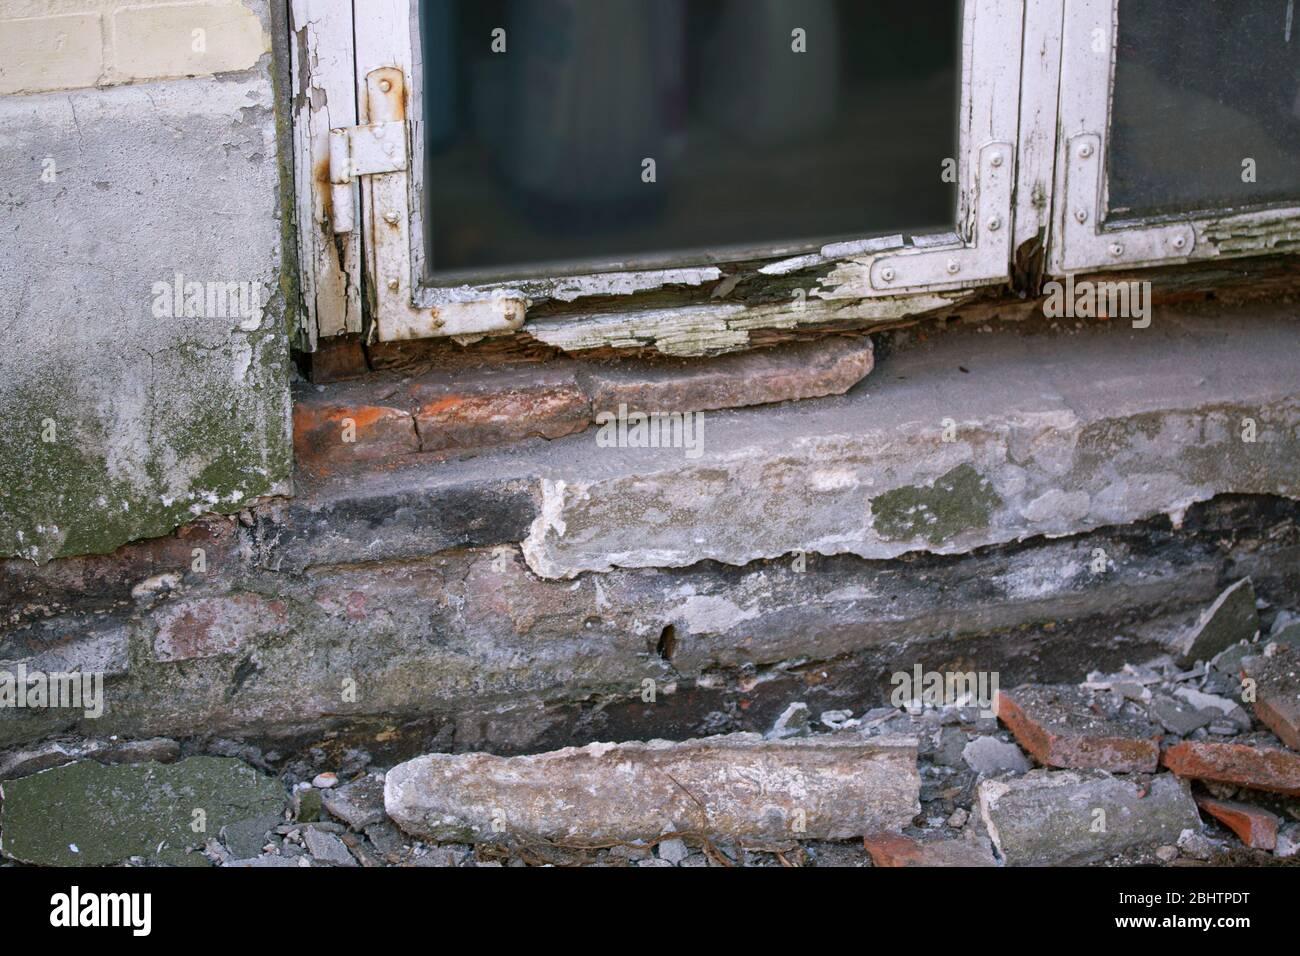 Muffa Vicino Agli Infissi finestra marcia immagini & finestra marcia fotos stock - alamy